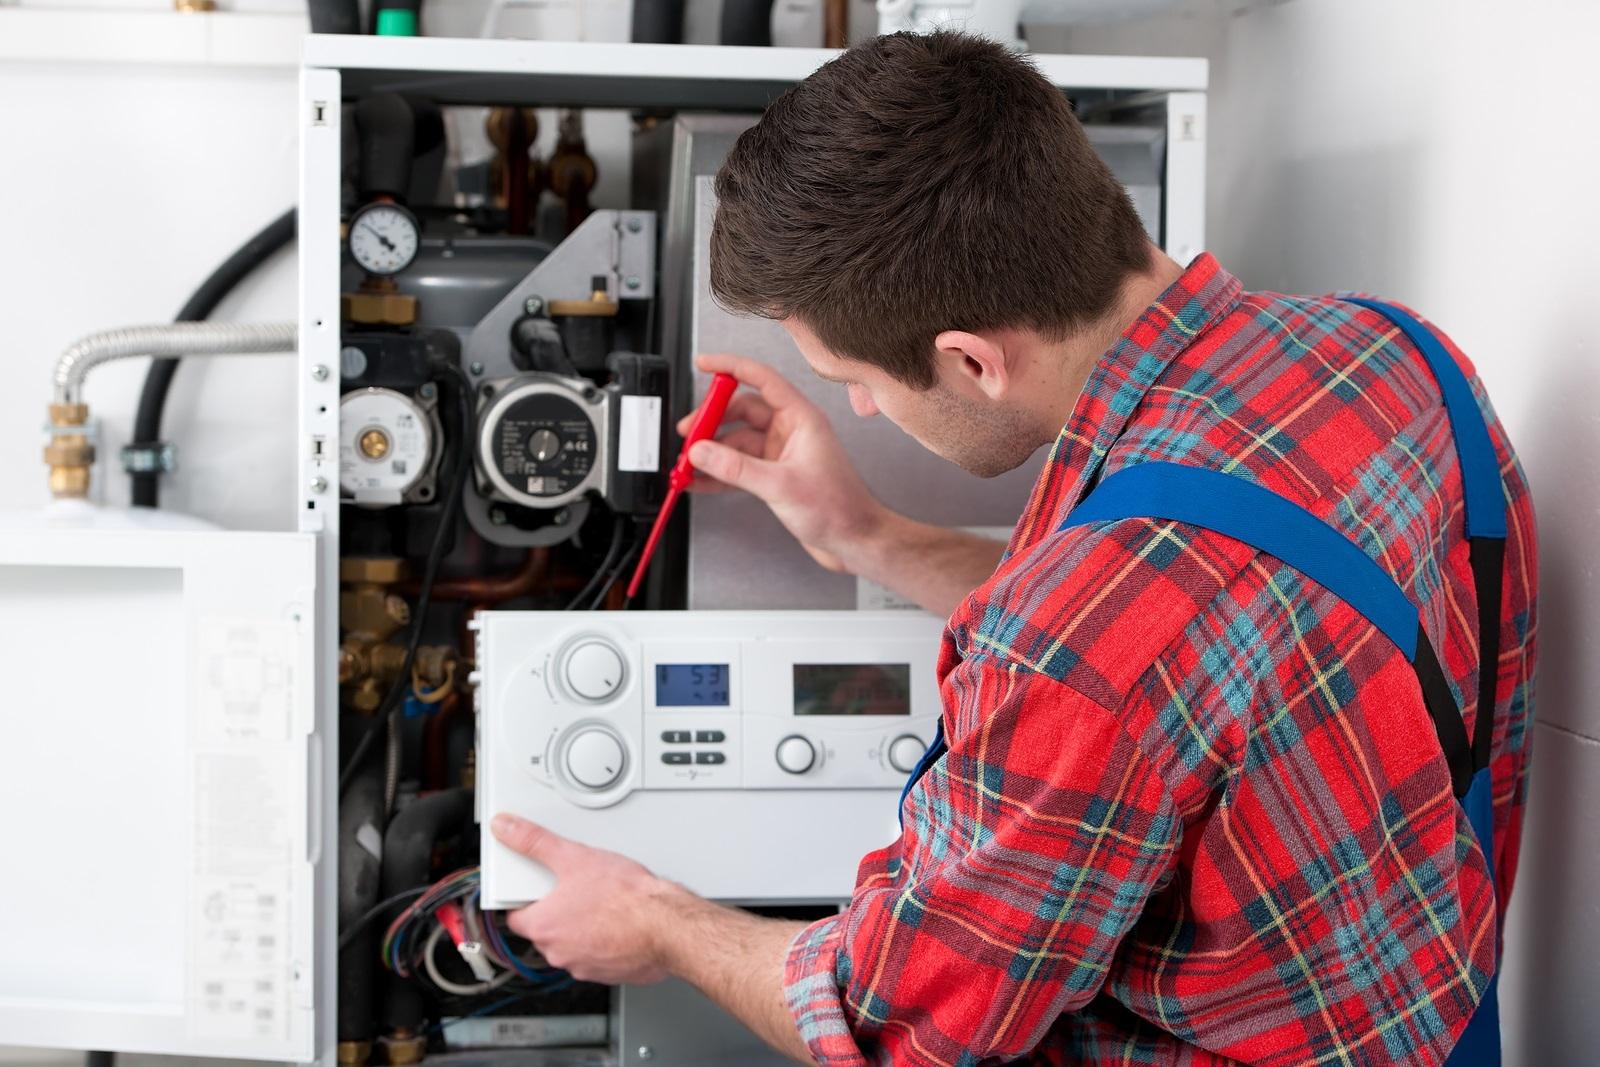 Реальный срок службы газового котла: от чего зависит ресурс напольного или настенного котлоагрегата при эксплуатации в системе отопления частного дома